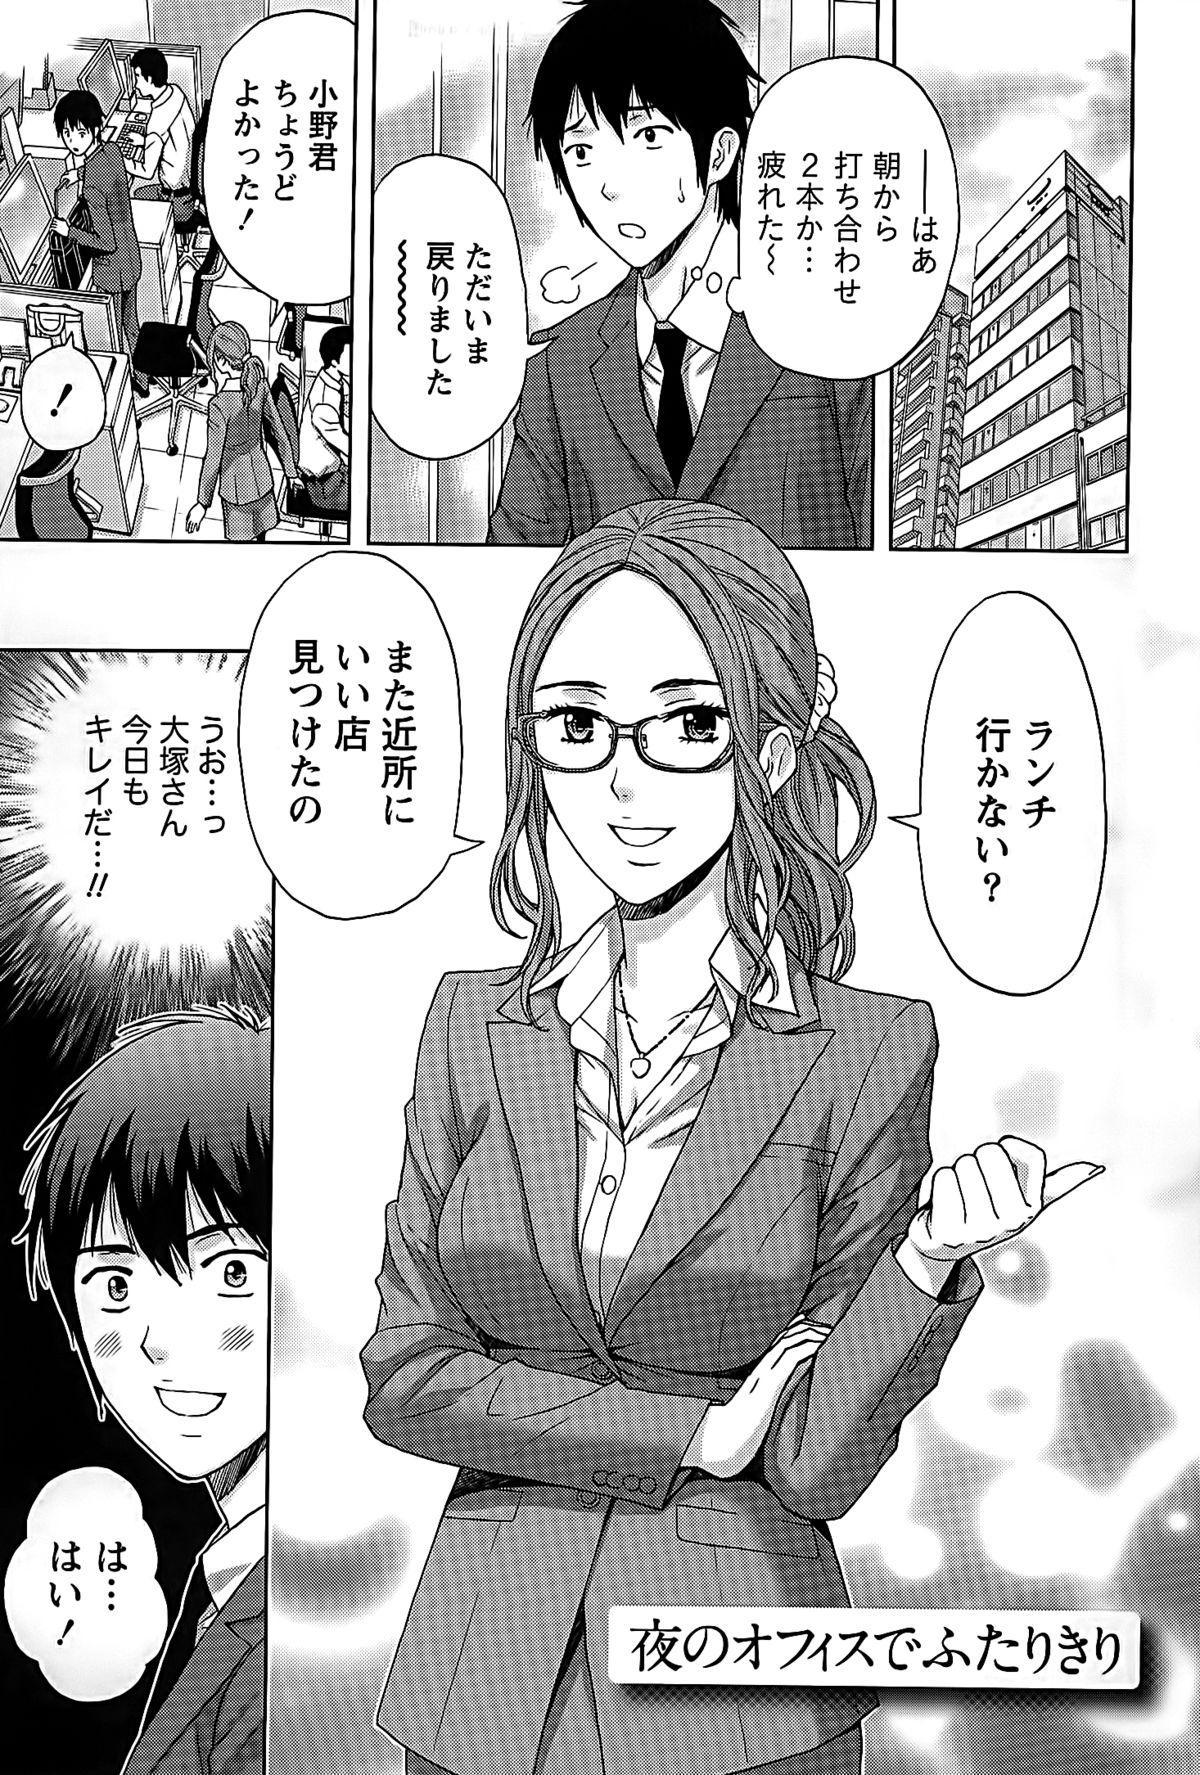 Shittori Lady to Amai Mitsu 24